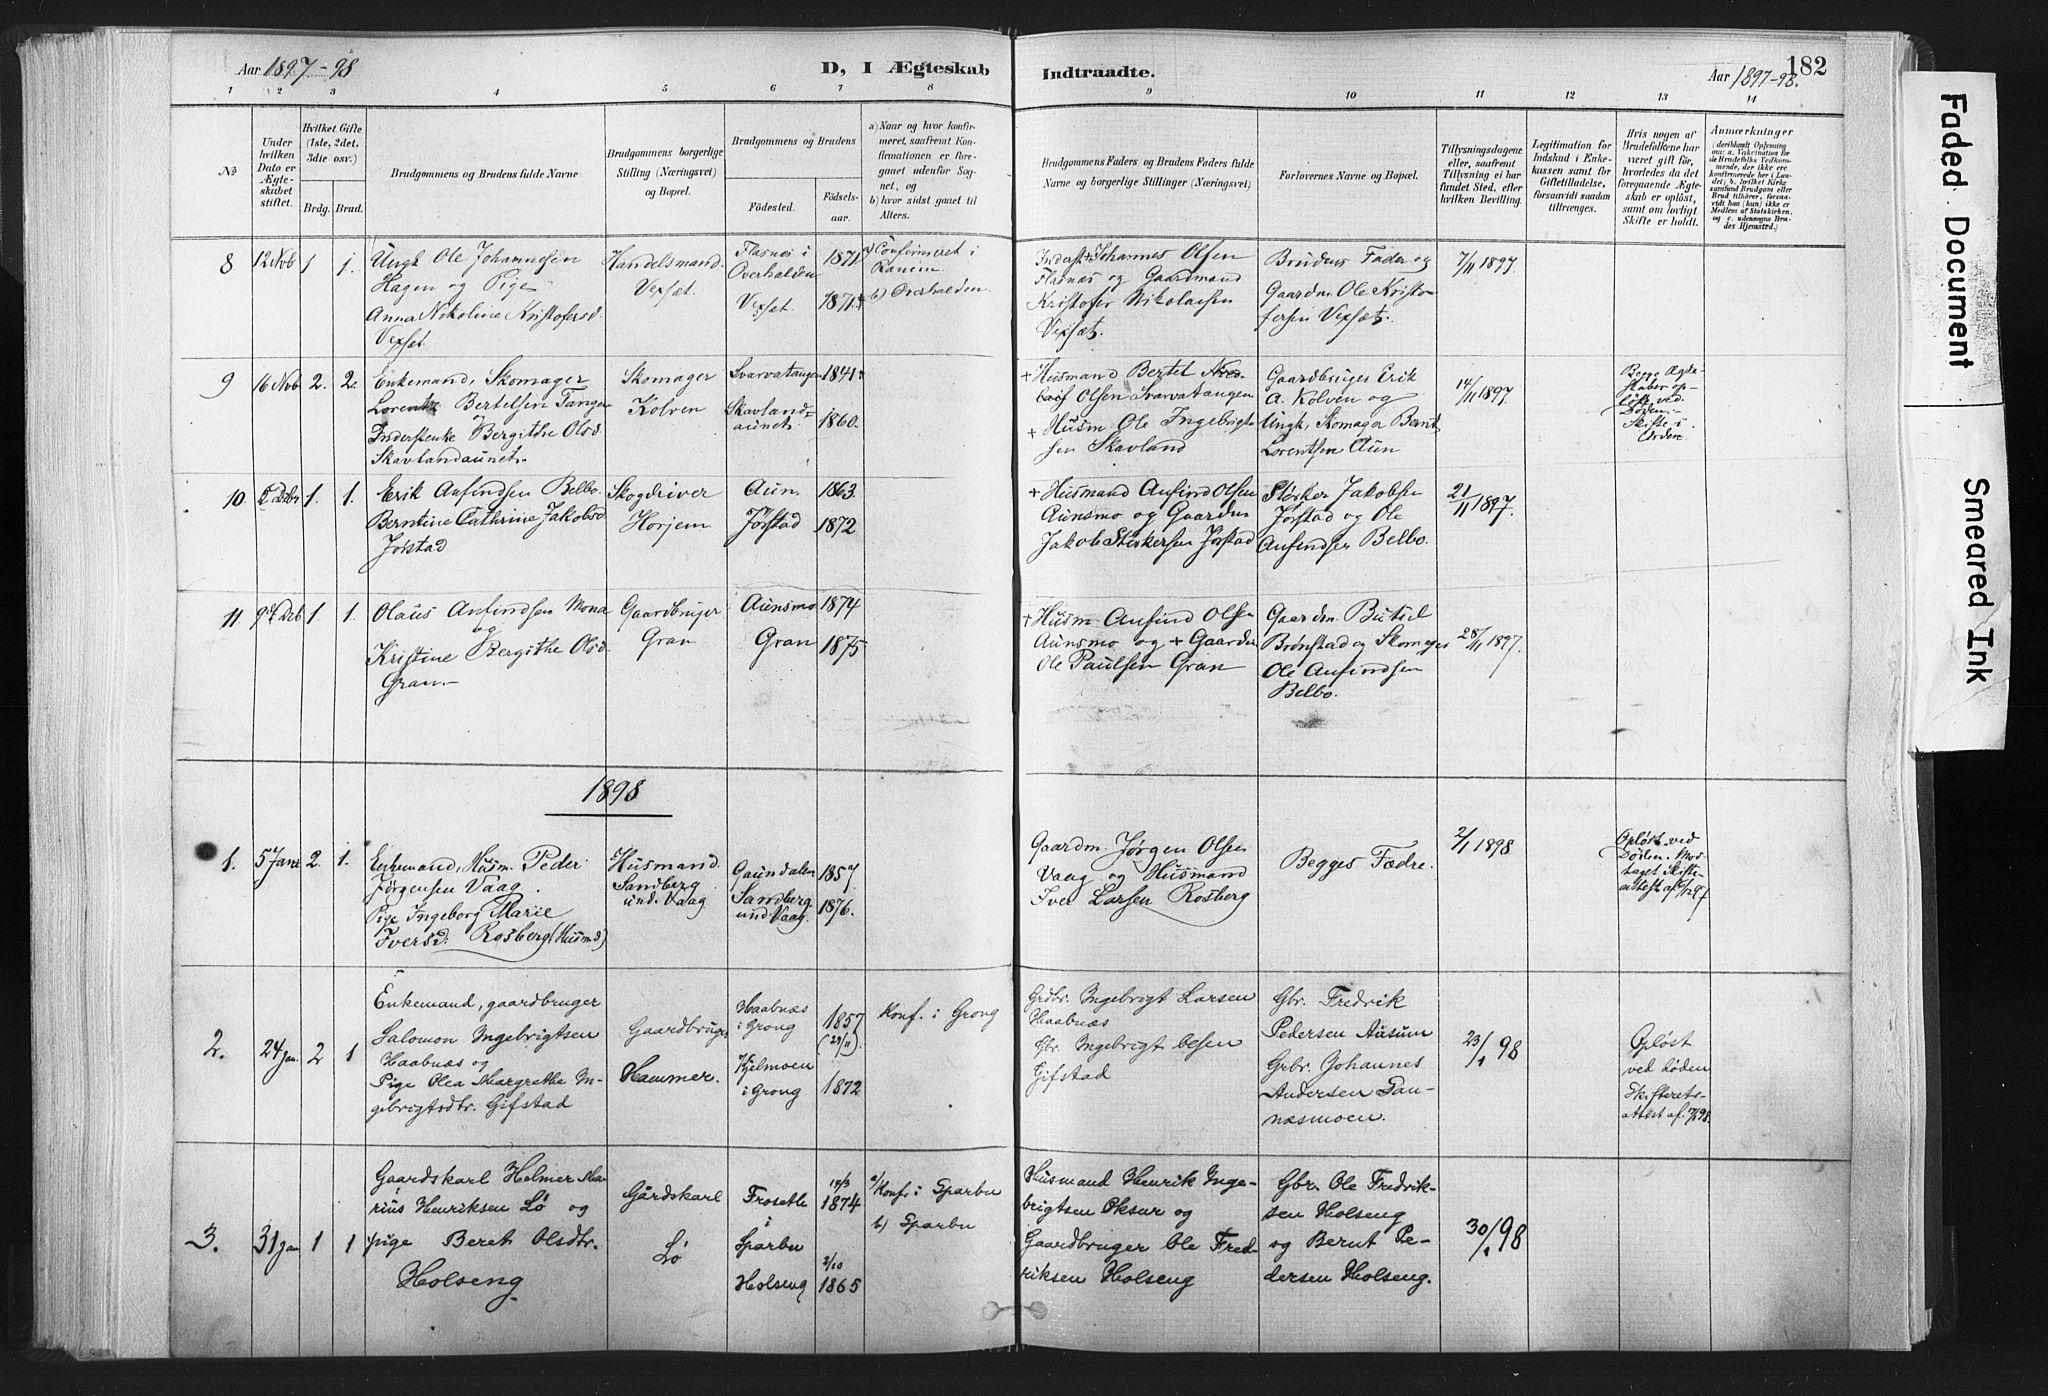 SAT, Ministerialprotokoller, klokkerbøker og fødselsregistre - Nord-Trøndelag, 749/L0474: Ministerialbok nr. 749A08, 1887-1903, s. 182